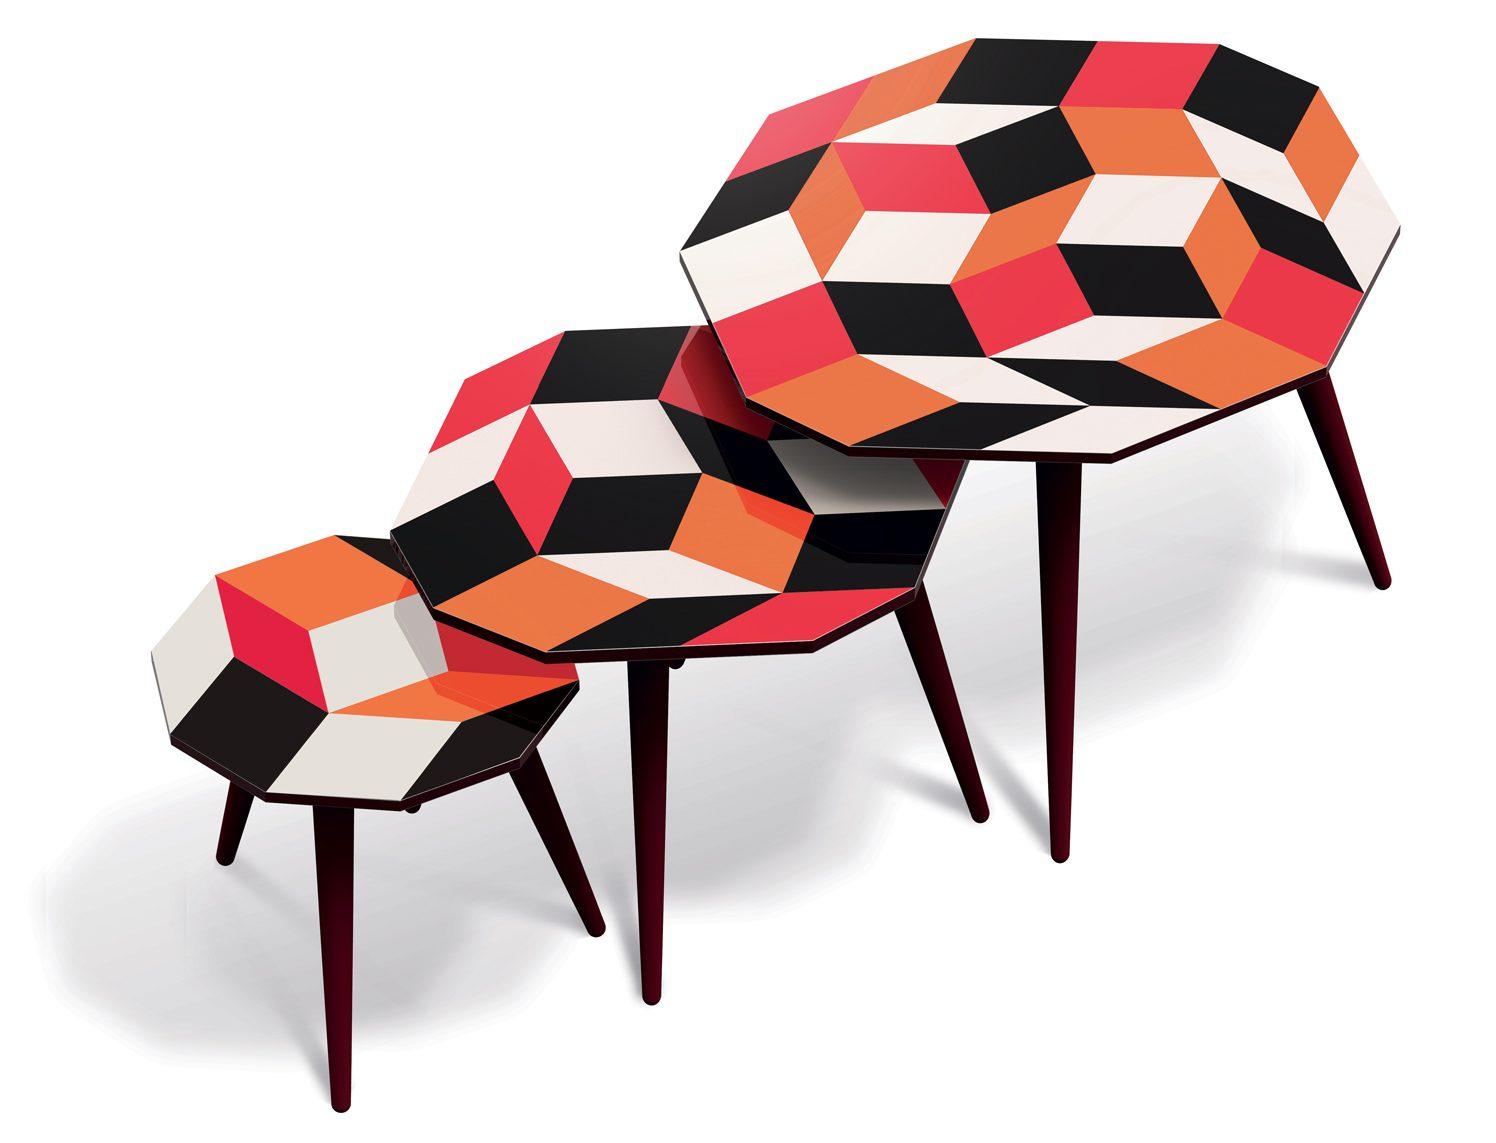 Trio de tables basses aux motifs de pavages de Penrose Pulp, design Ich&Kar, édition Bazartherapy